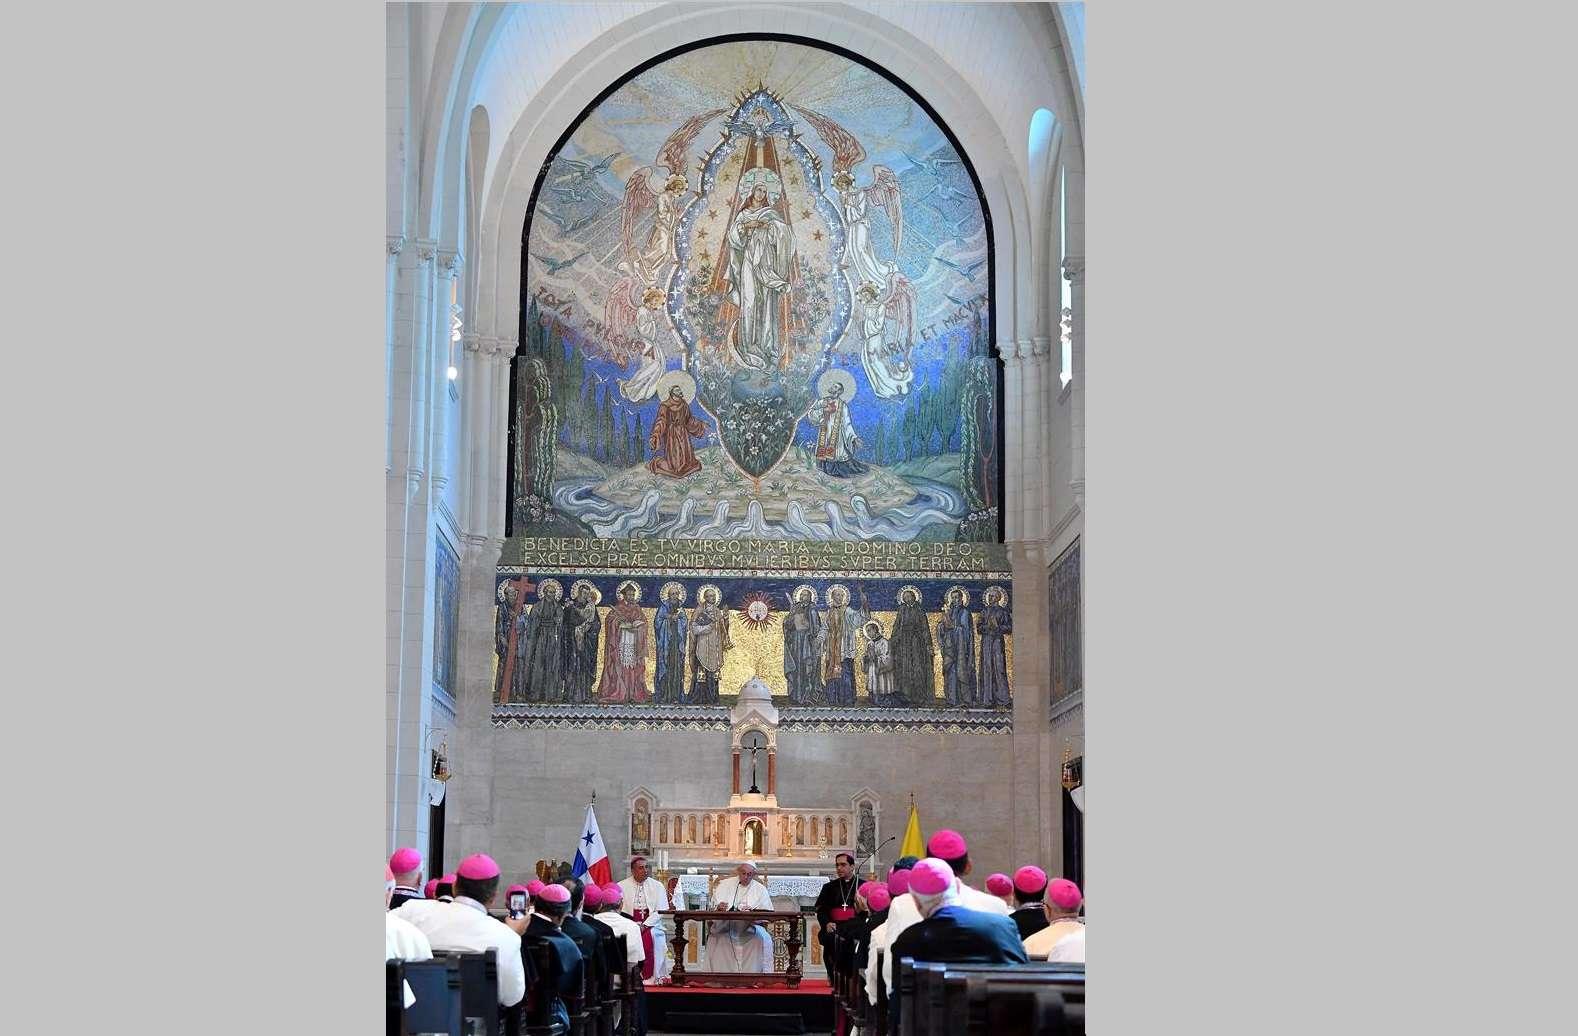 El papa Francisco interviene durante una reunión mantenida con obispos centroamericanos en la iglesia de San Francisco de Asís, en la Ciudad de Panamá (Panamá). EFE